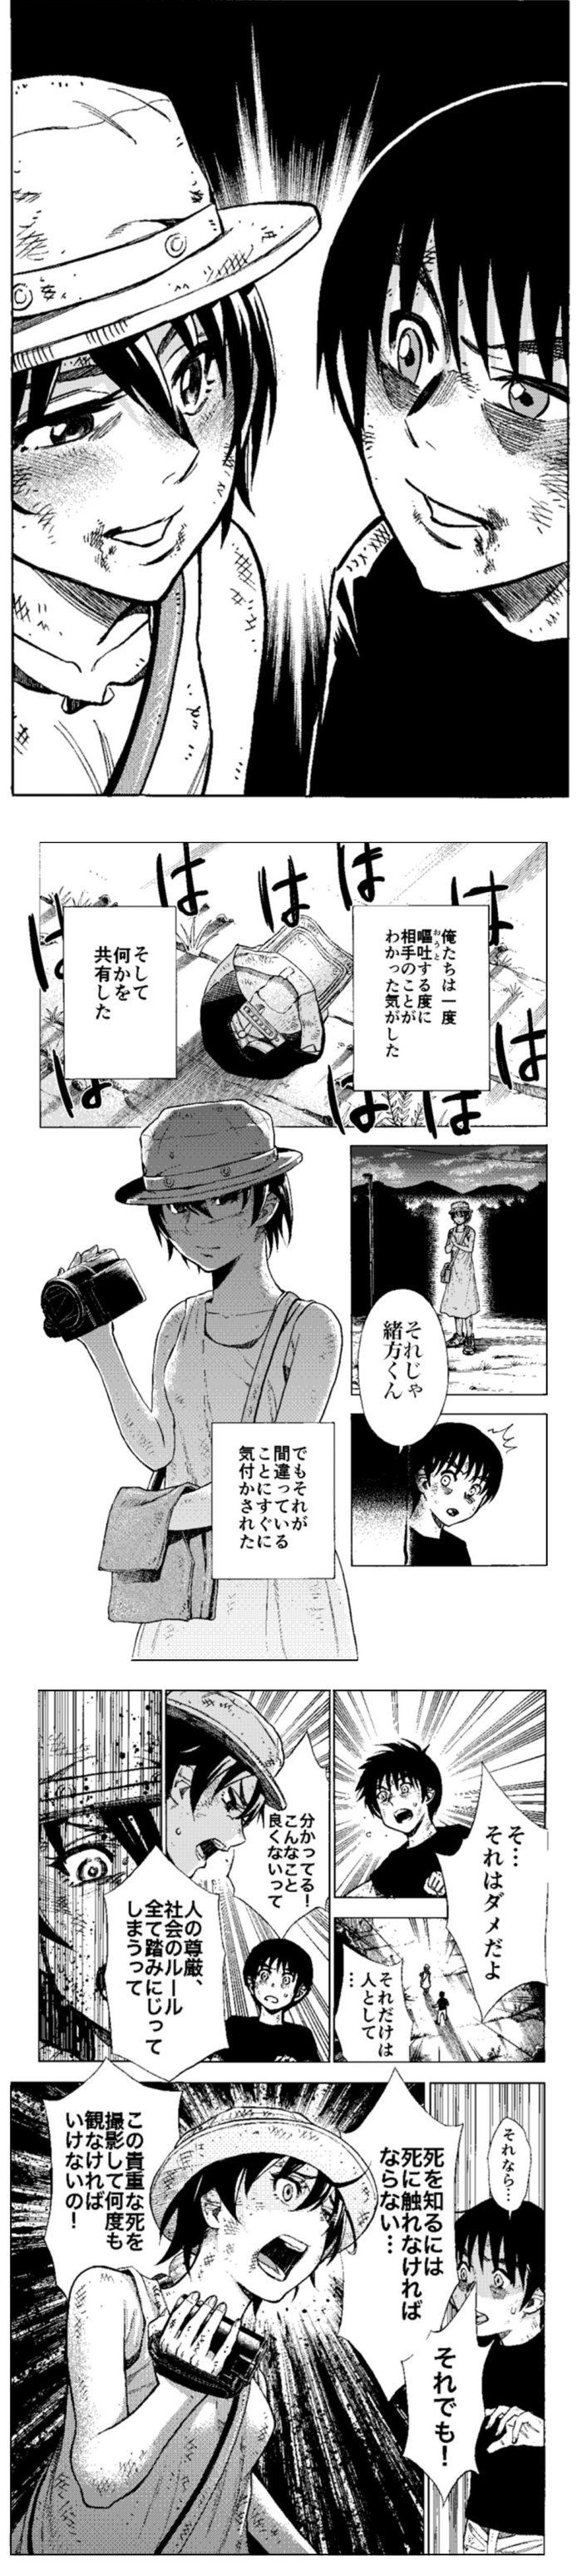 shitaikengaku2-05